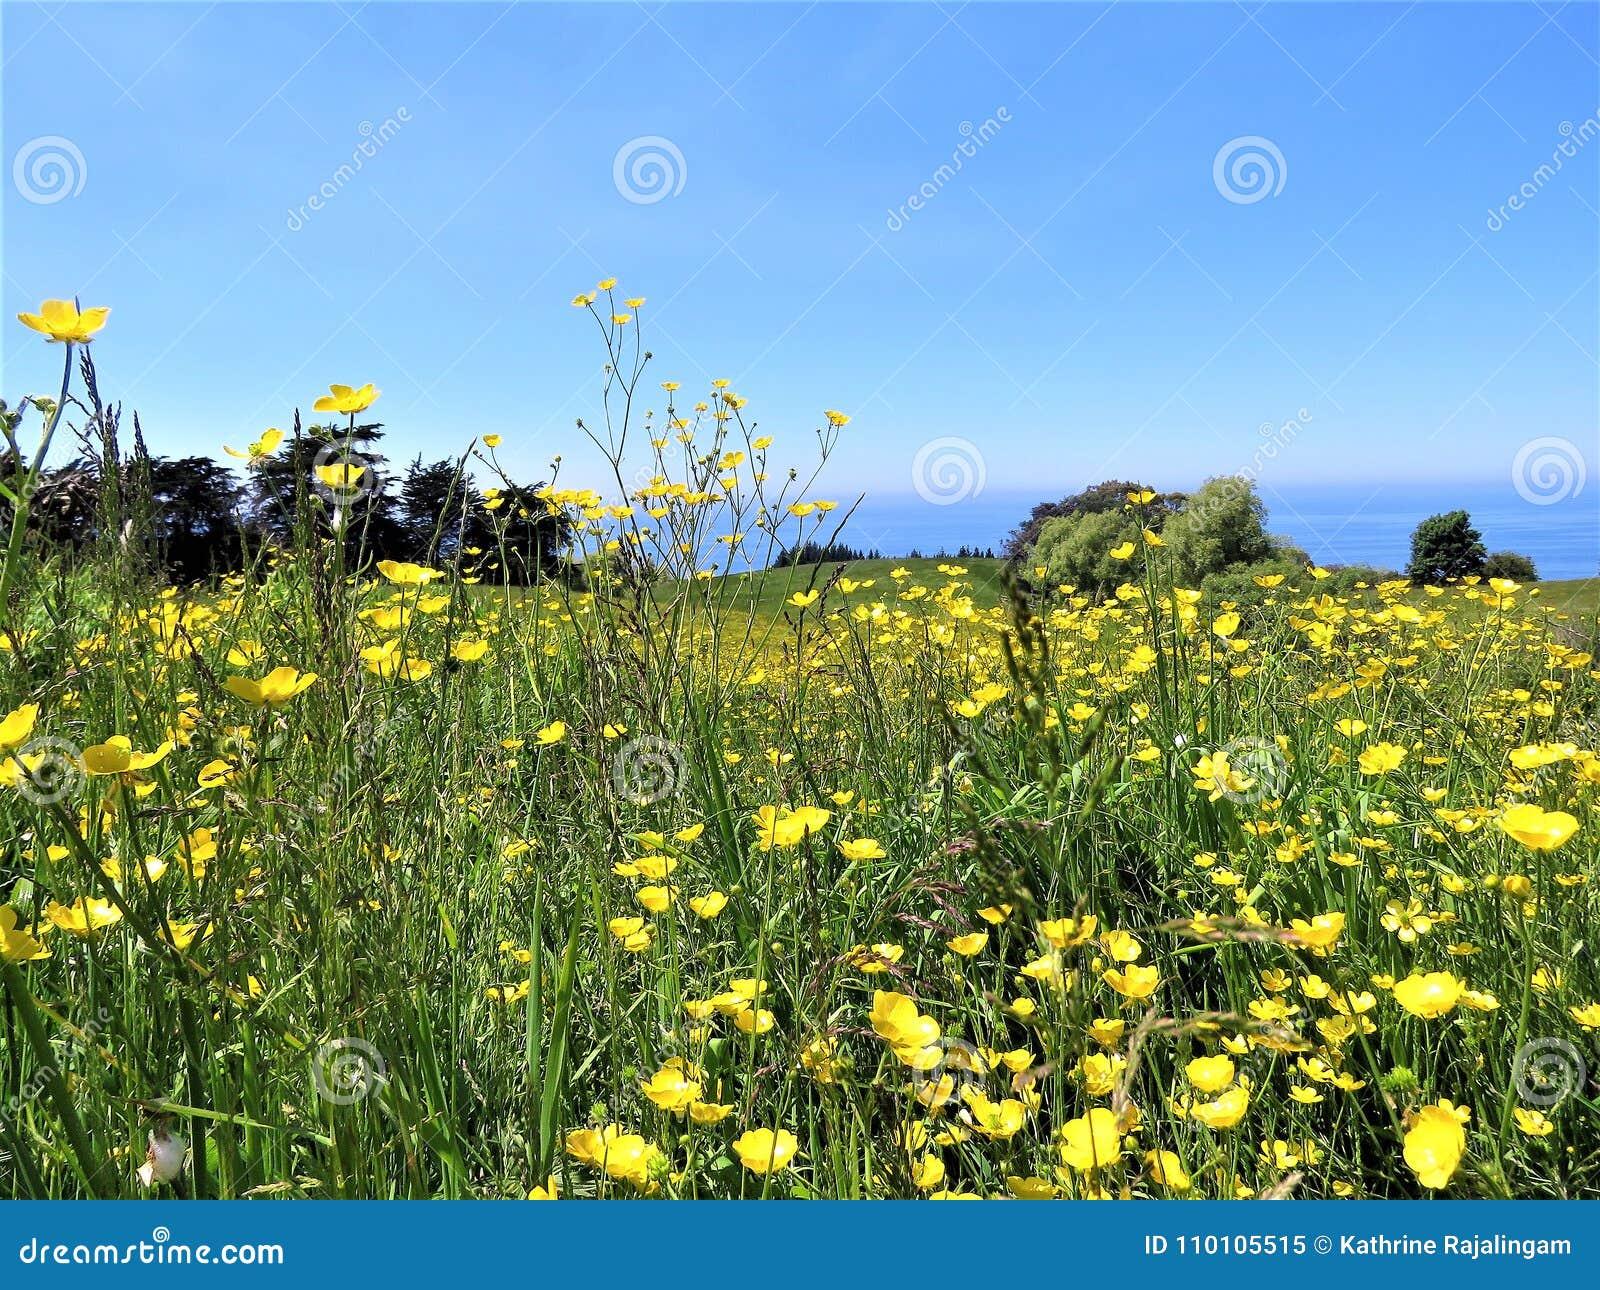 Landschappen met gele bloem in de voorgrond